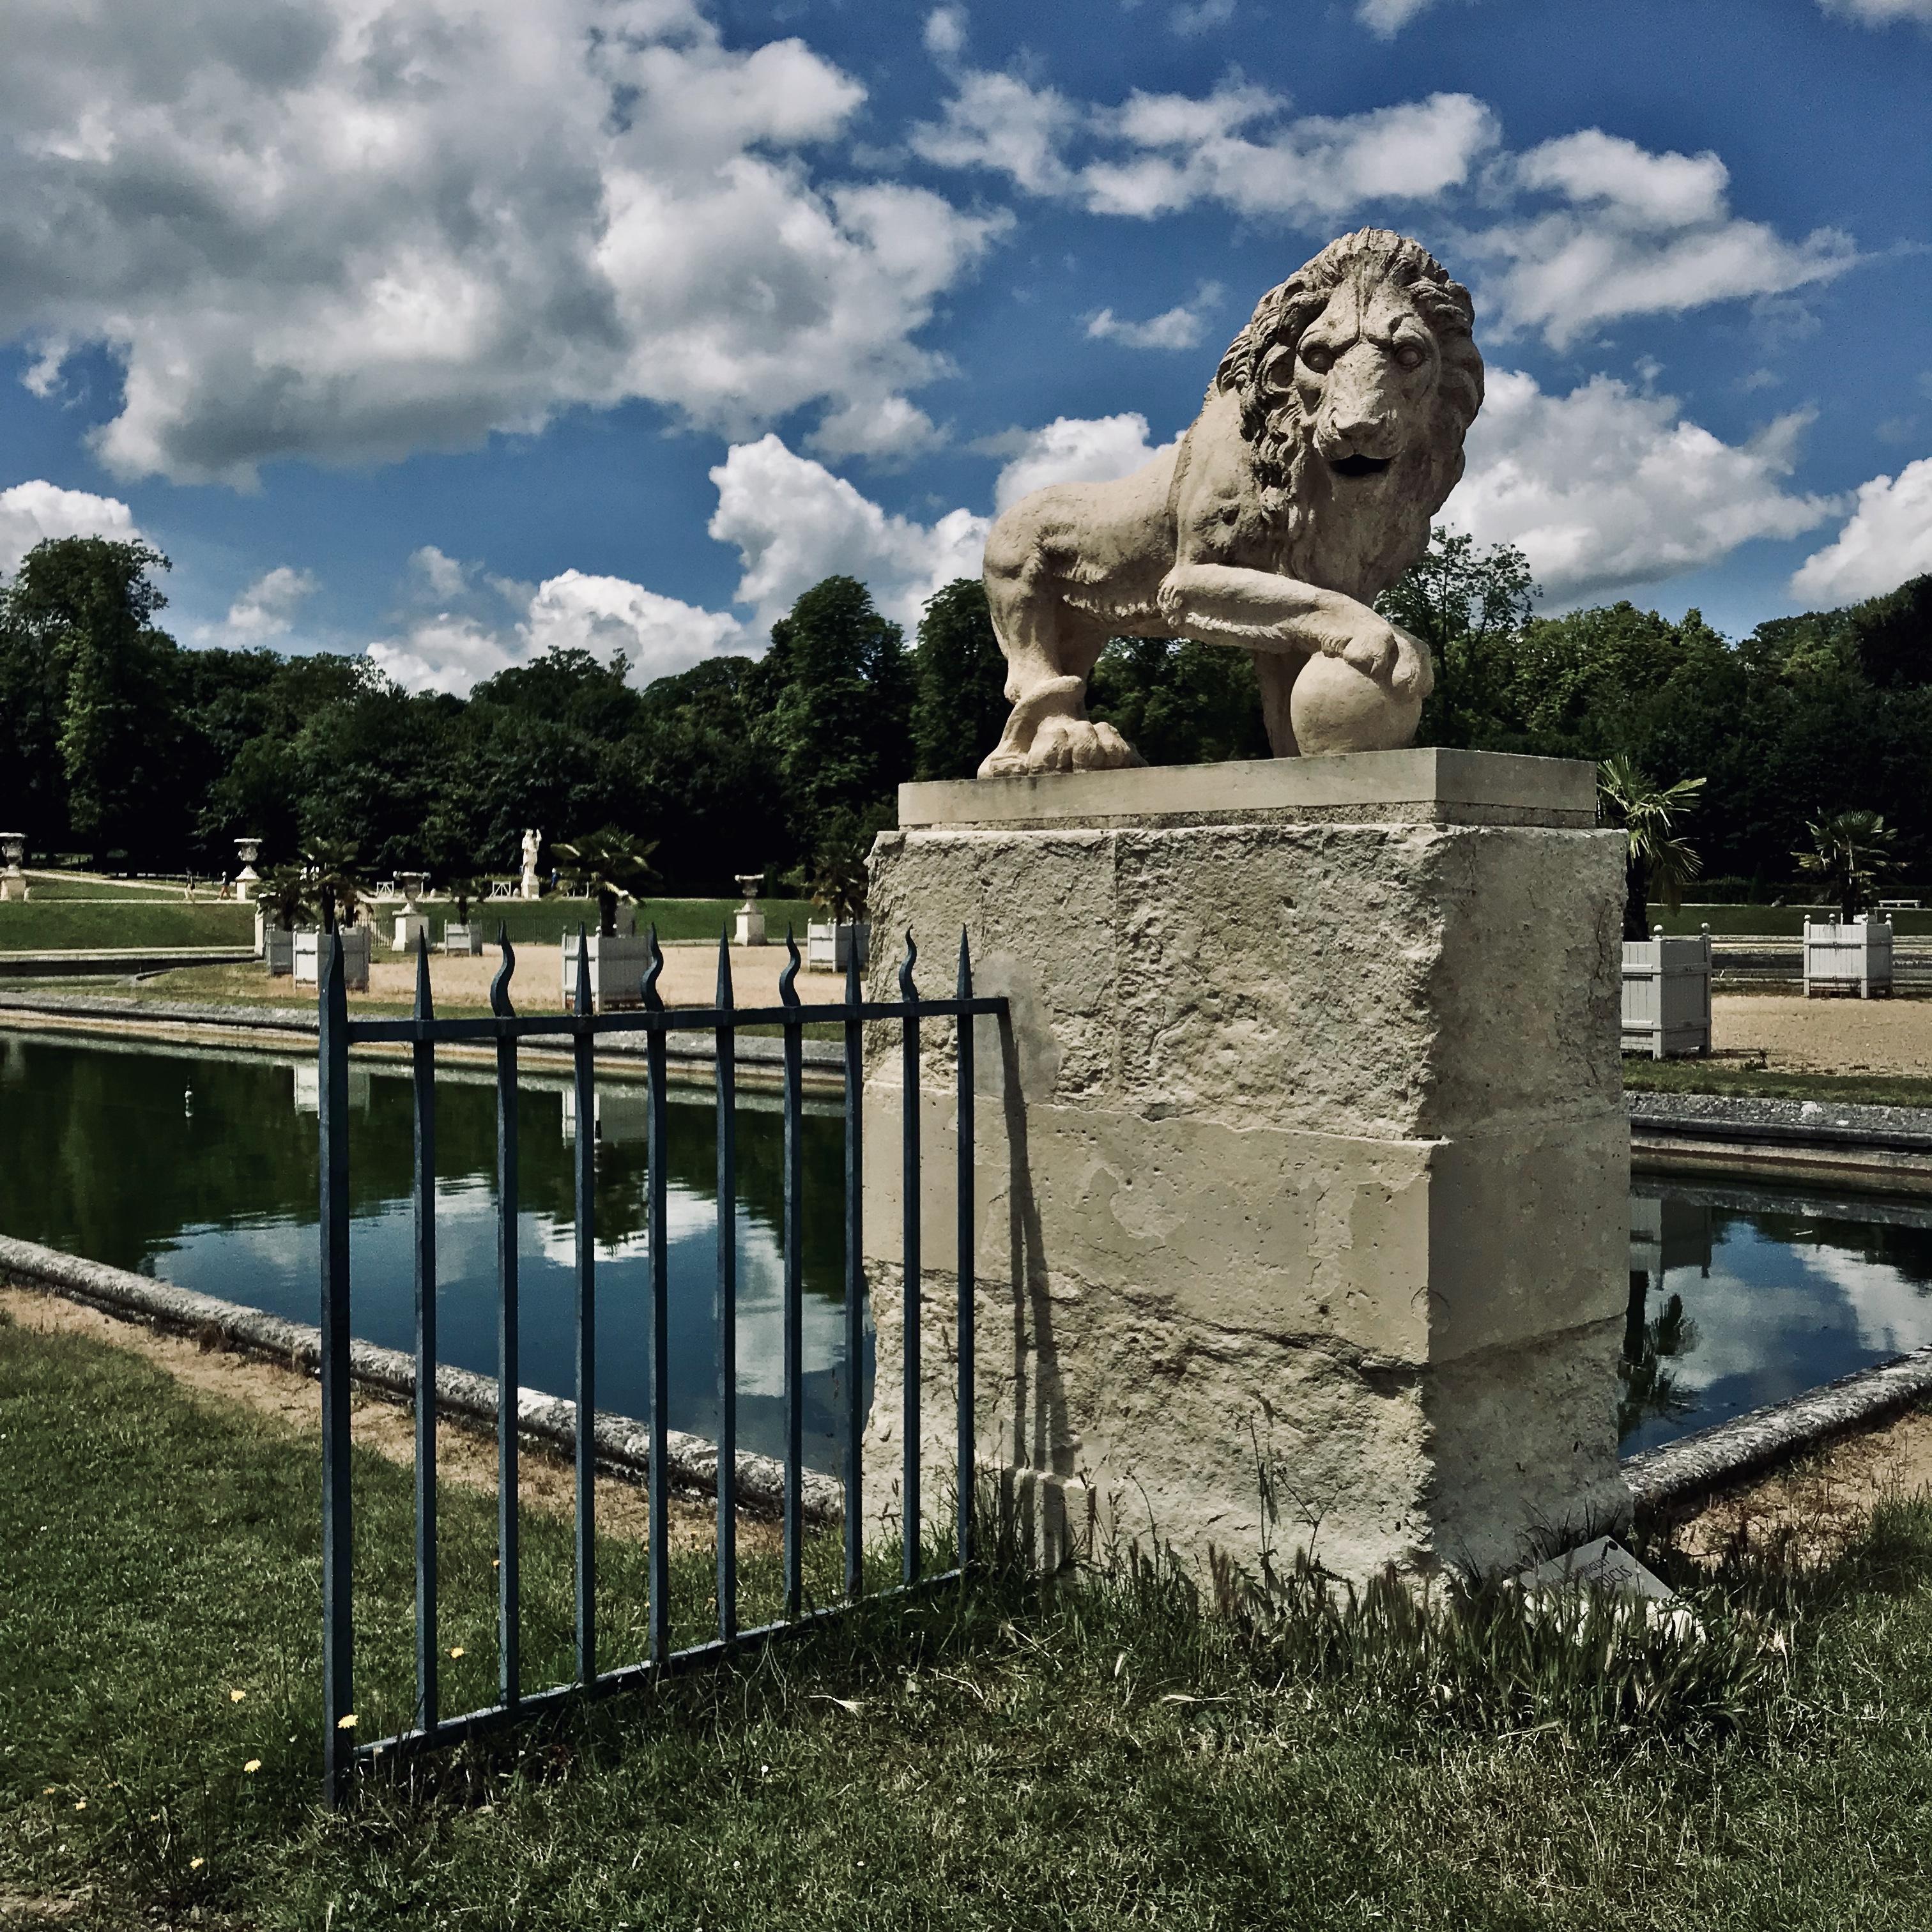 Le Domaine de Saint-Cloud / © Vianney Delourme pour Enlarge your Paris